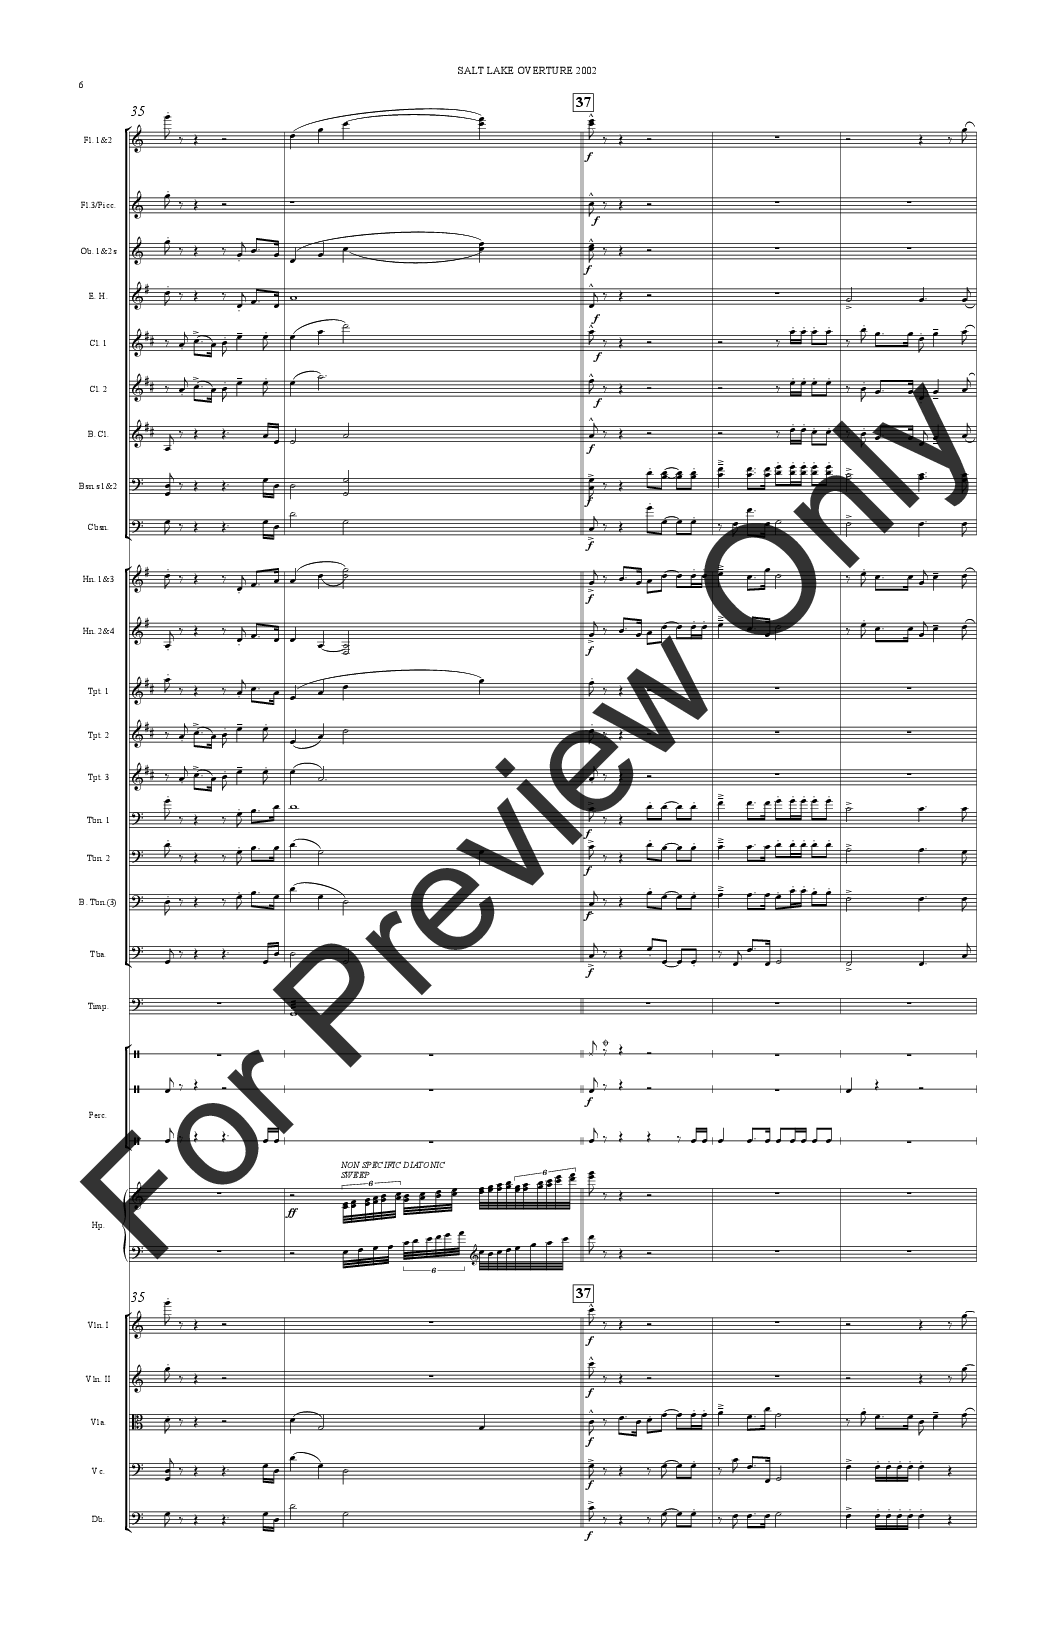 Salt Lake Overture 2002 Thumbnail